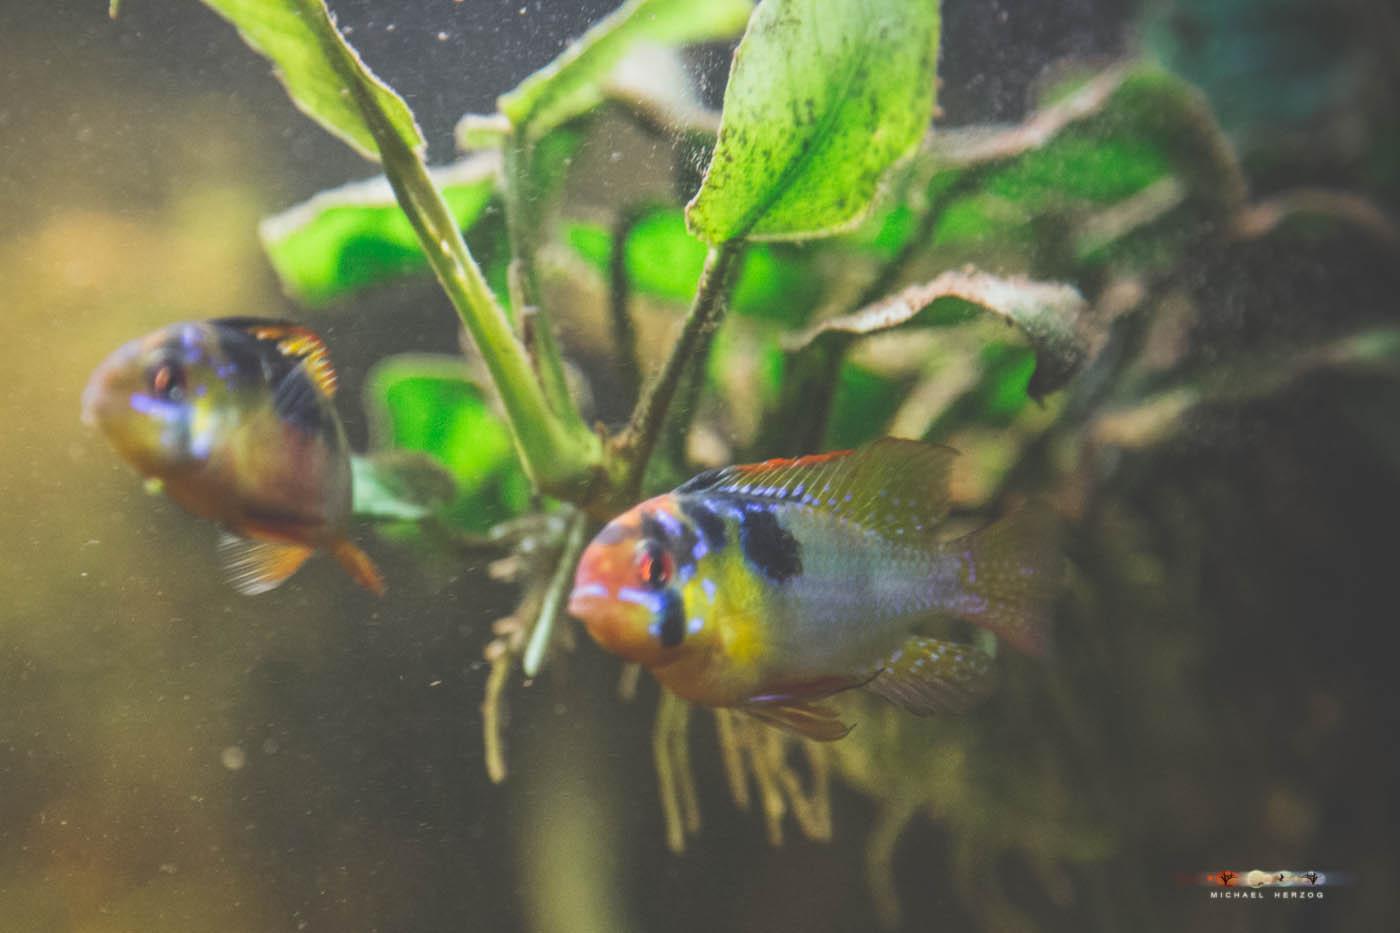 Aquarium_MichaelHerzog-5174.jpg